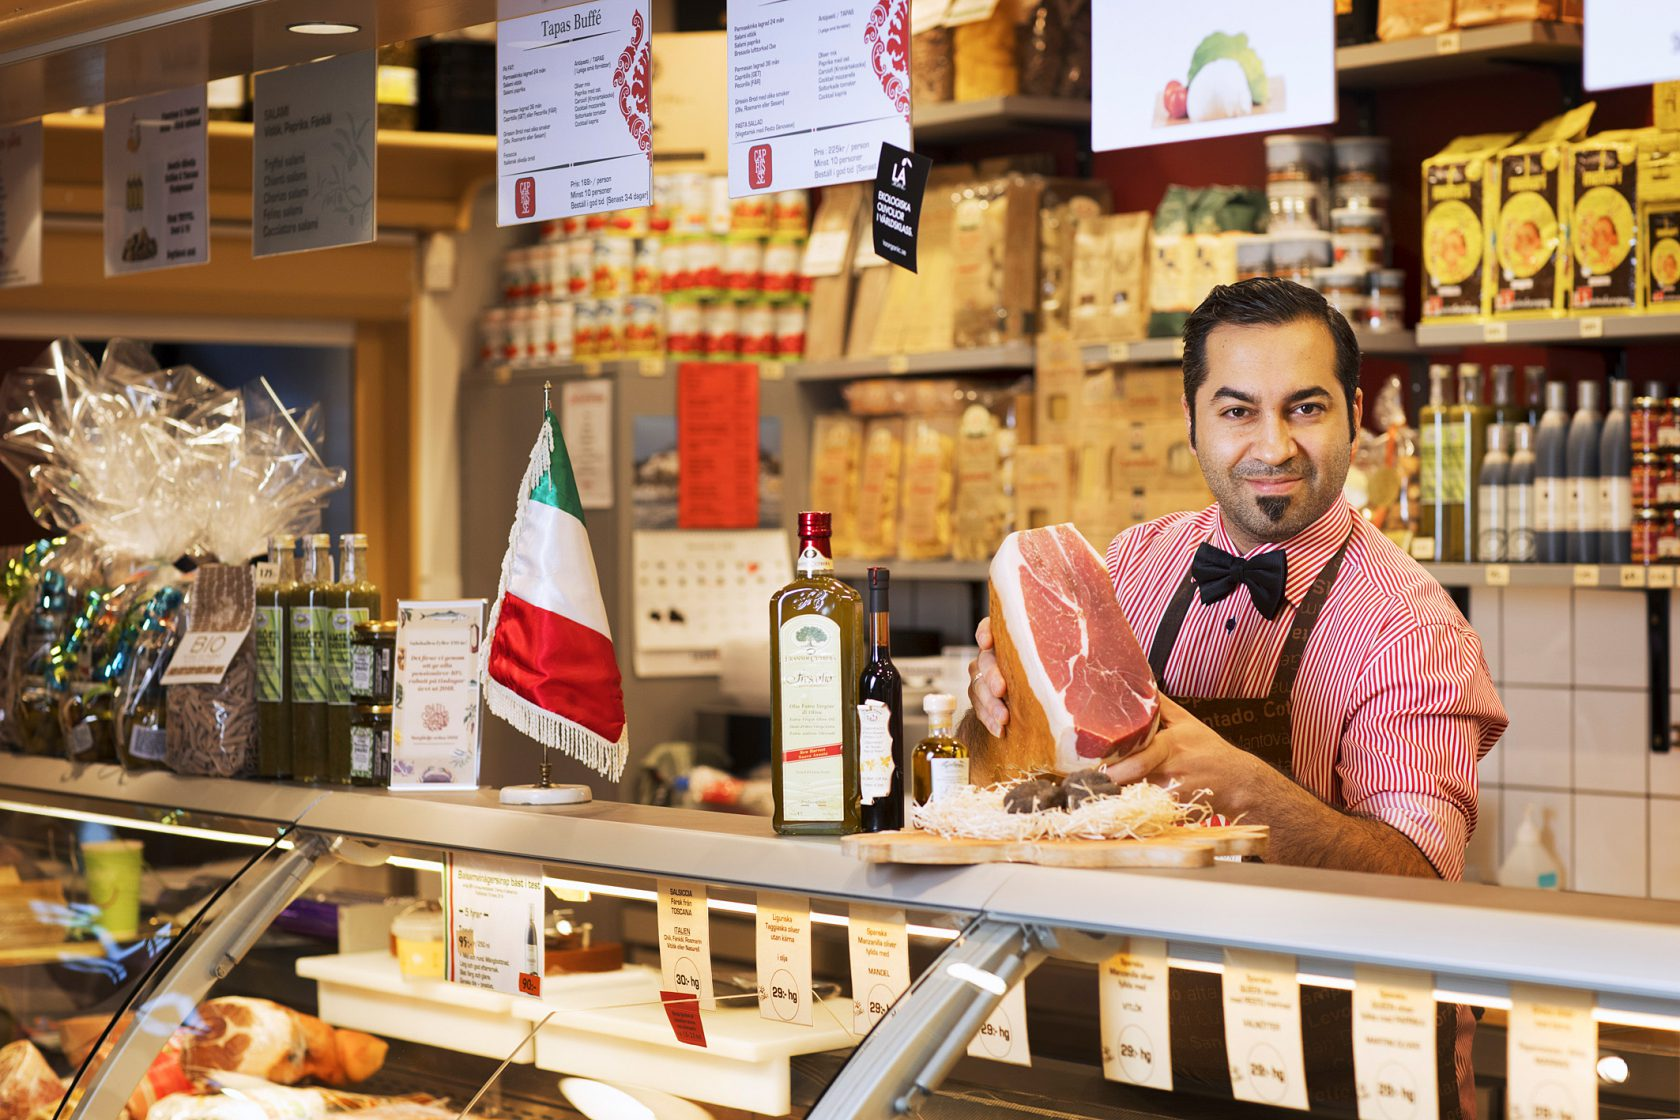 En man står bakom en butiksdisk och håller upp delikatesser.